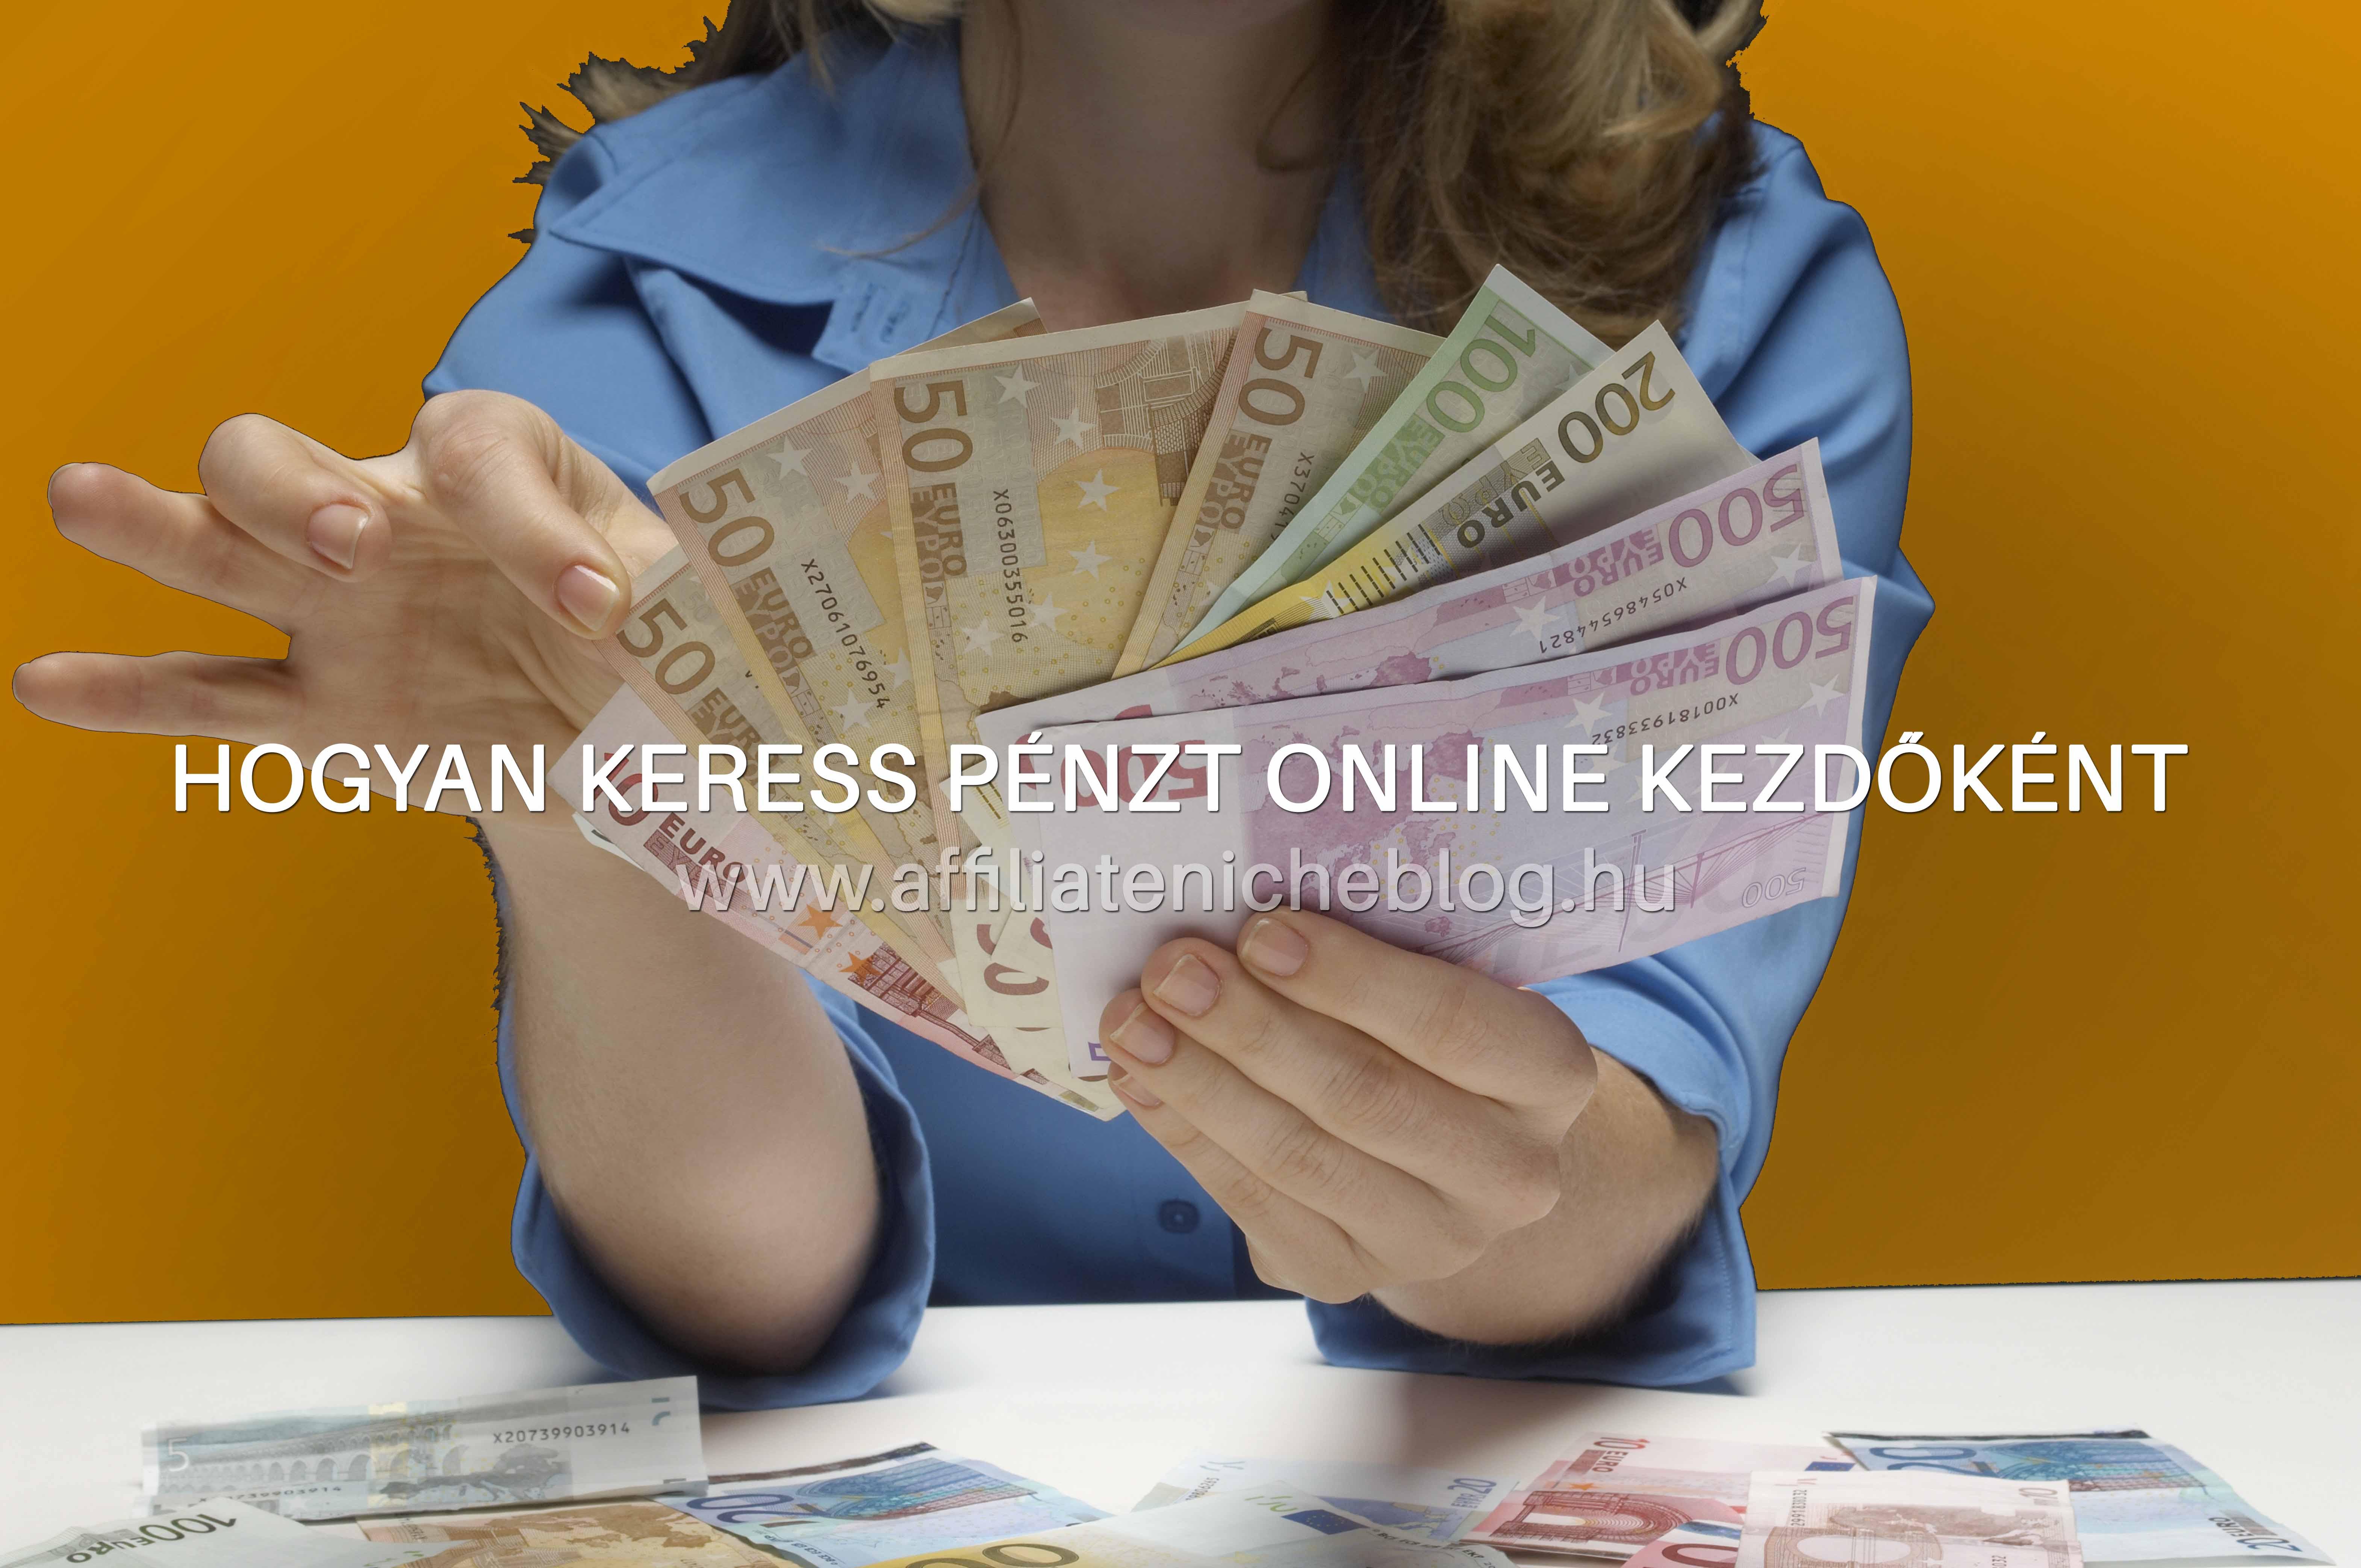 gyorsan és egyszerűen sok pénzt kereshet)